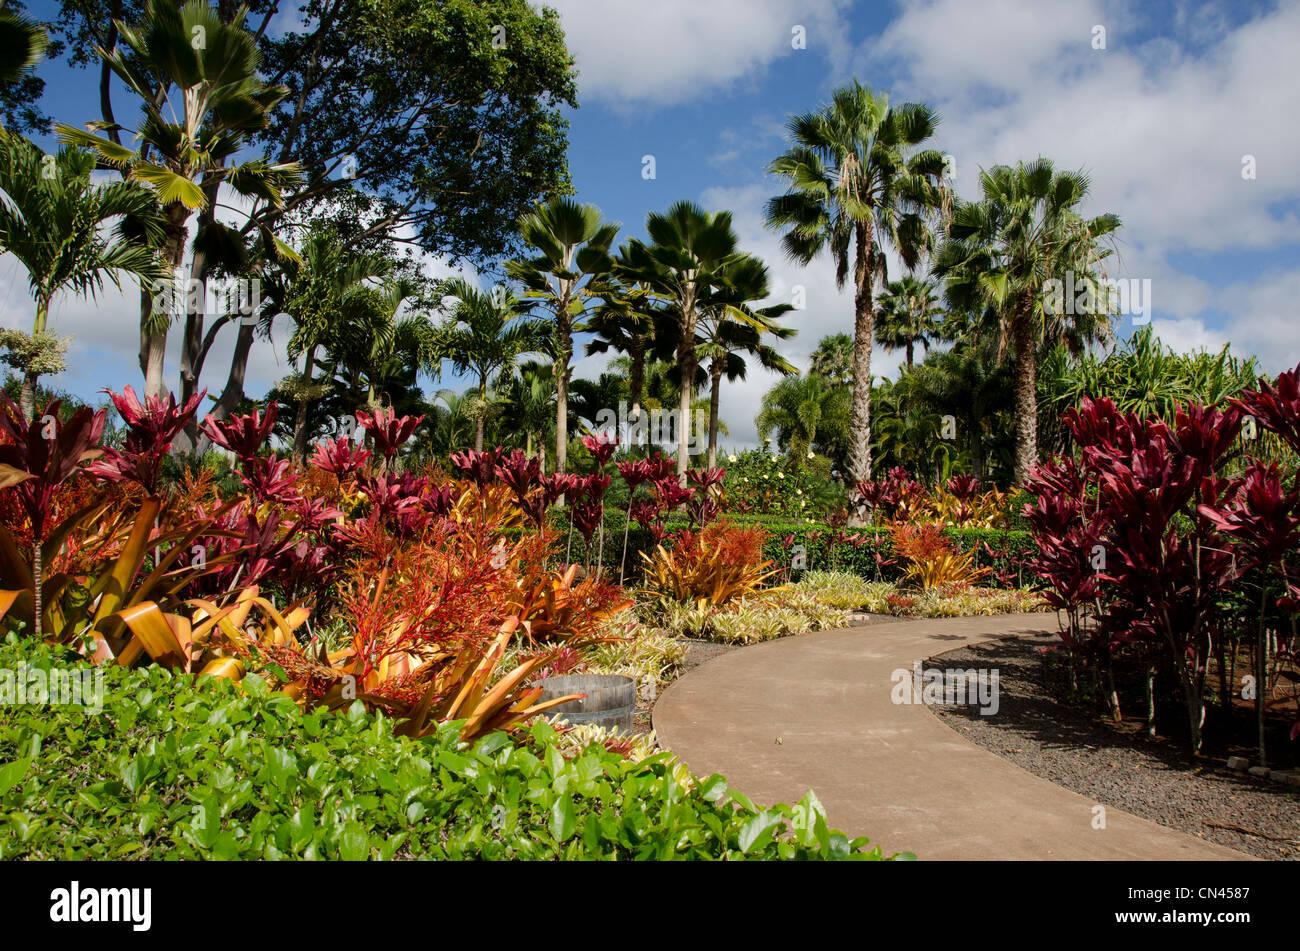 La Plantation Garden Tour à la Dole Plantation à Wahiawa, Oahu, Hawaii Photo Stock